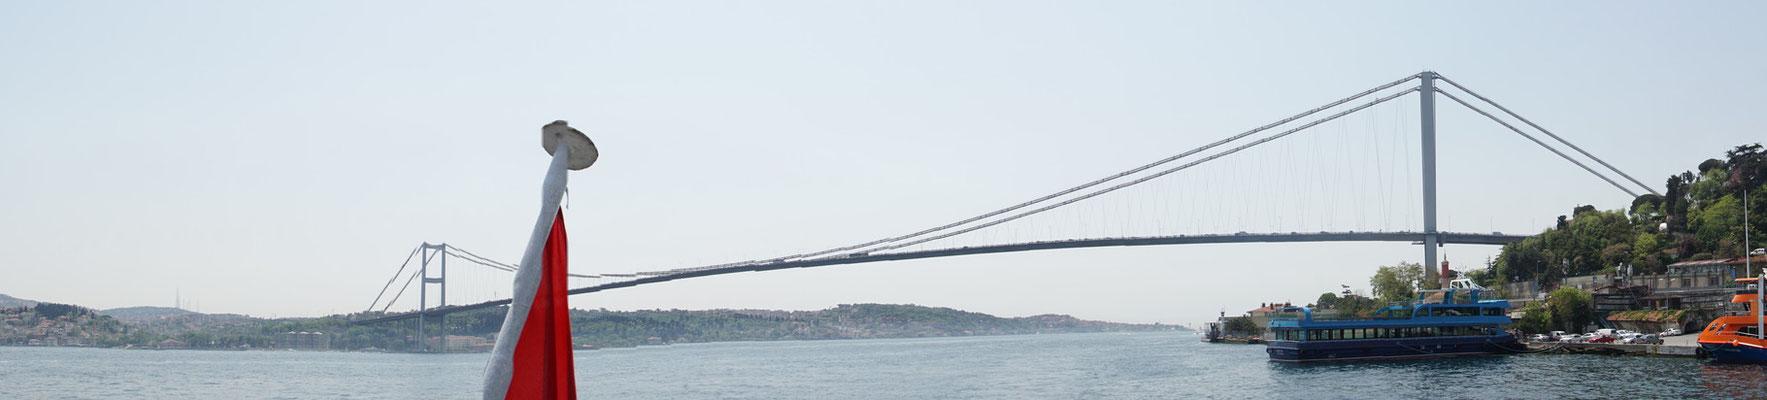 Erste Brücke über den Bosphorus, wenn man von Istanbul aus in Richtung Black See fährt...